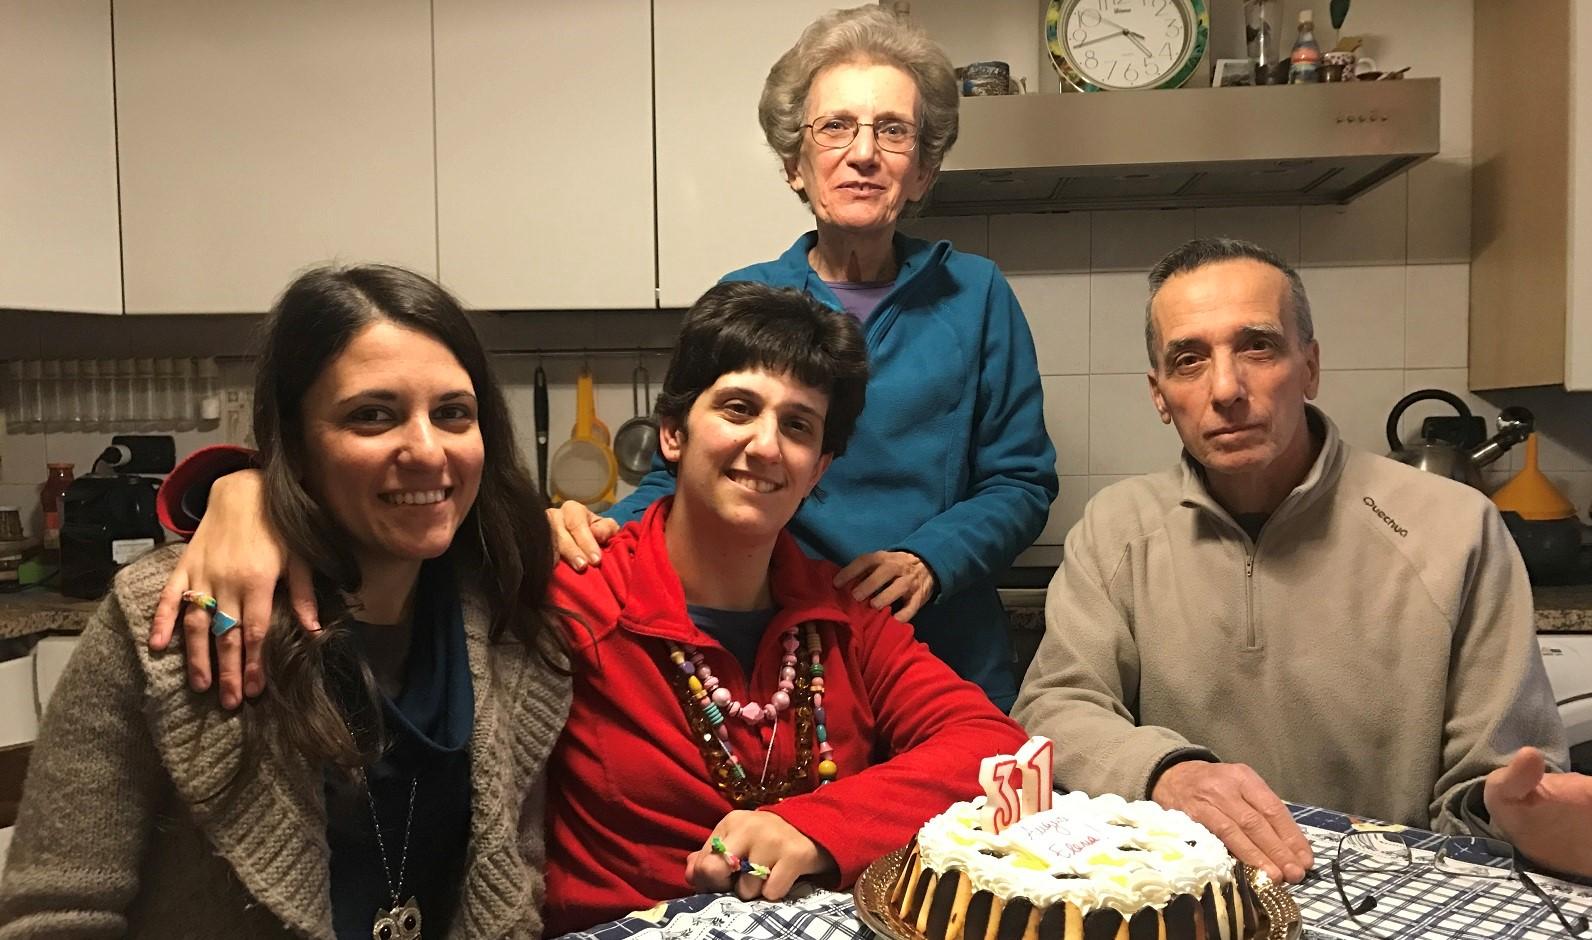 elena&family